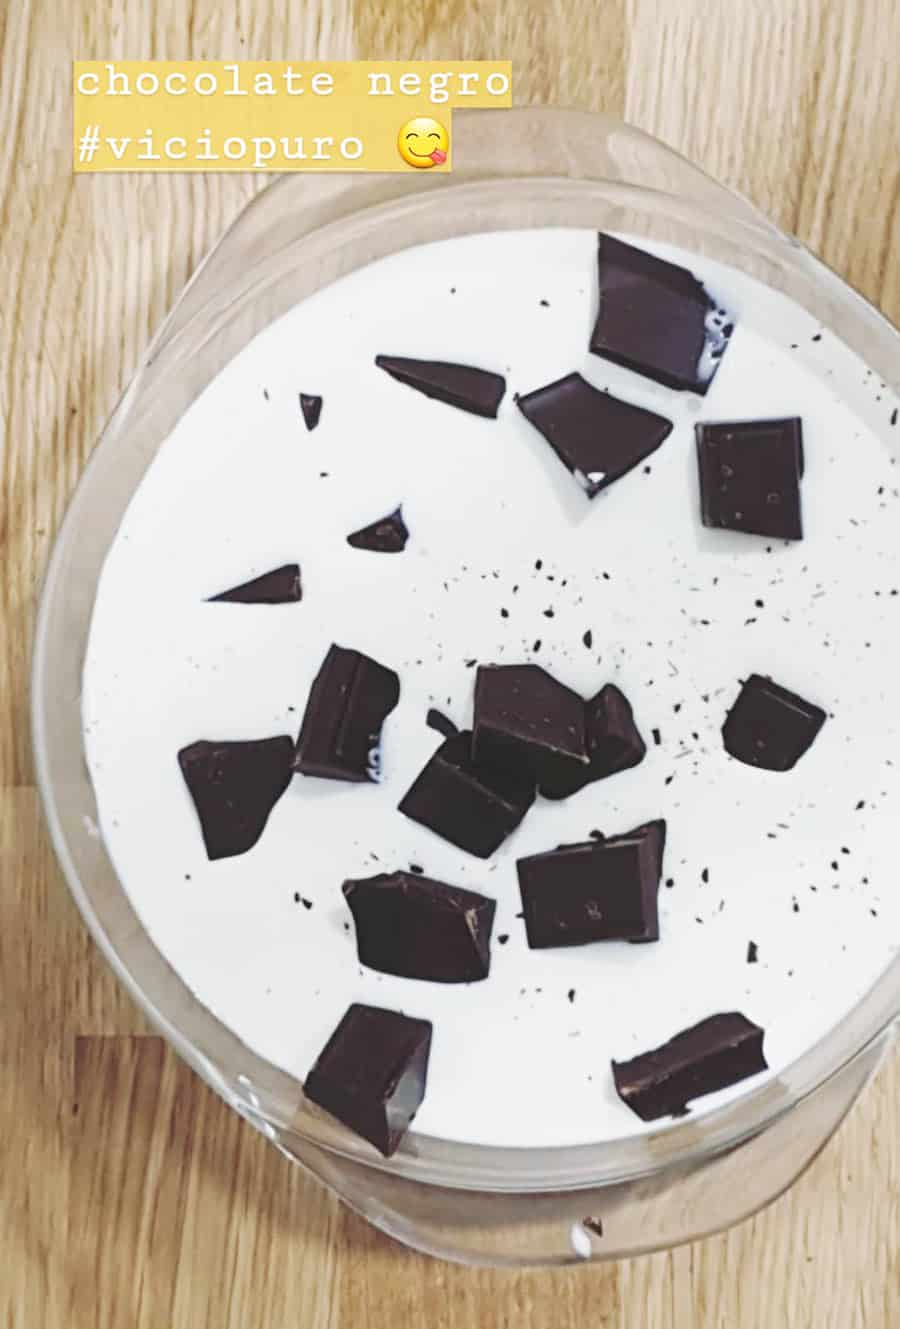 ganache chocolate negro